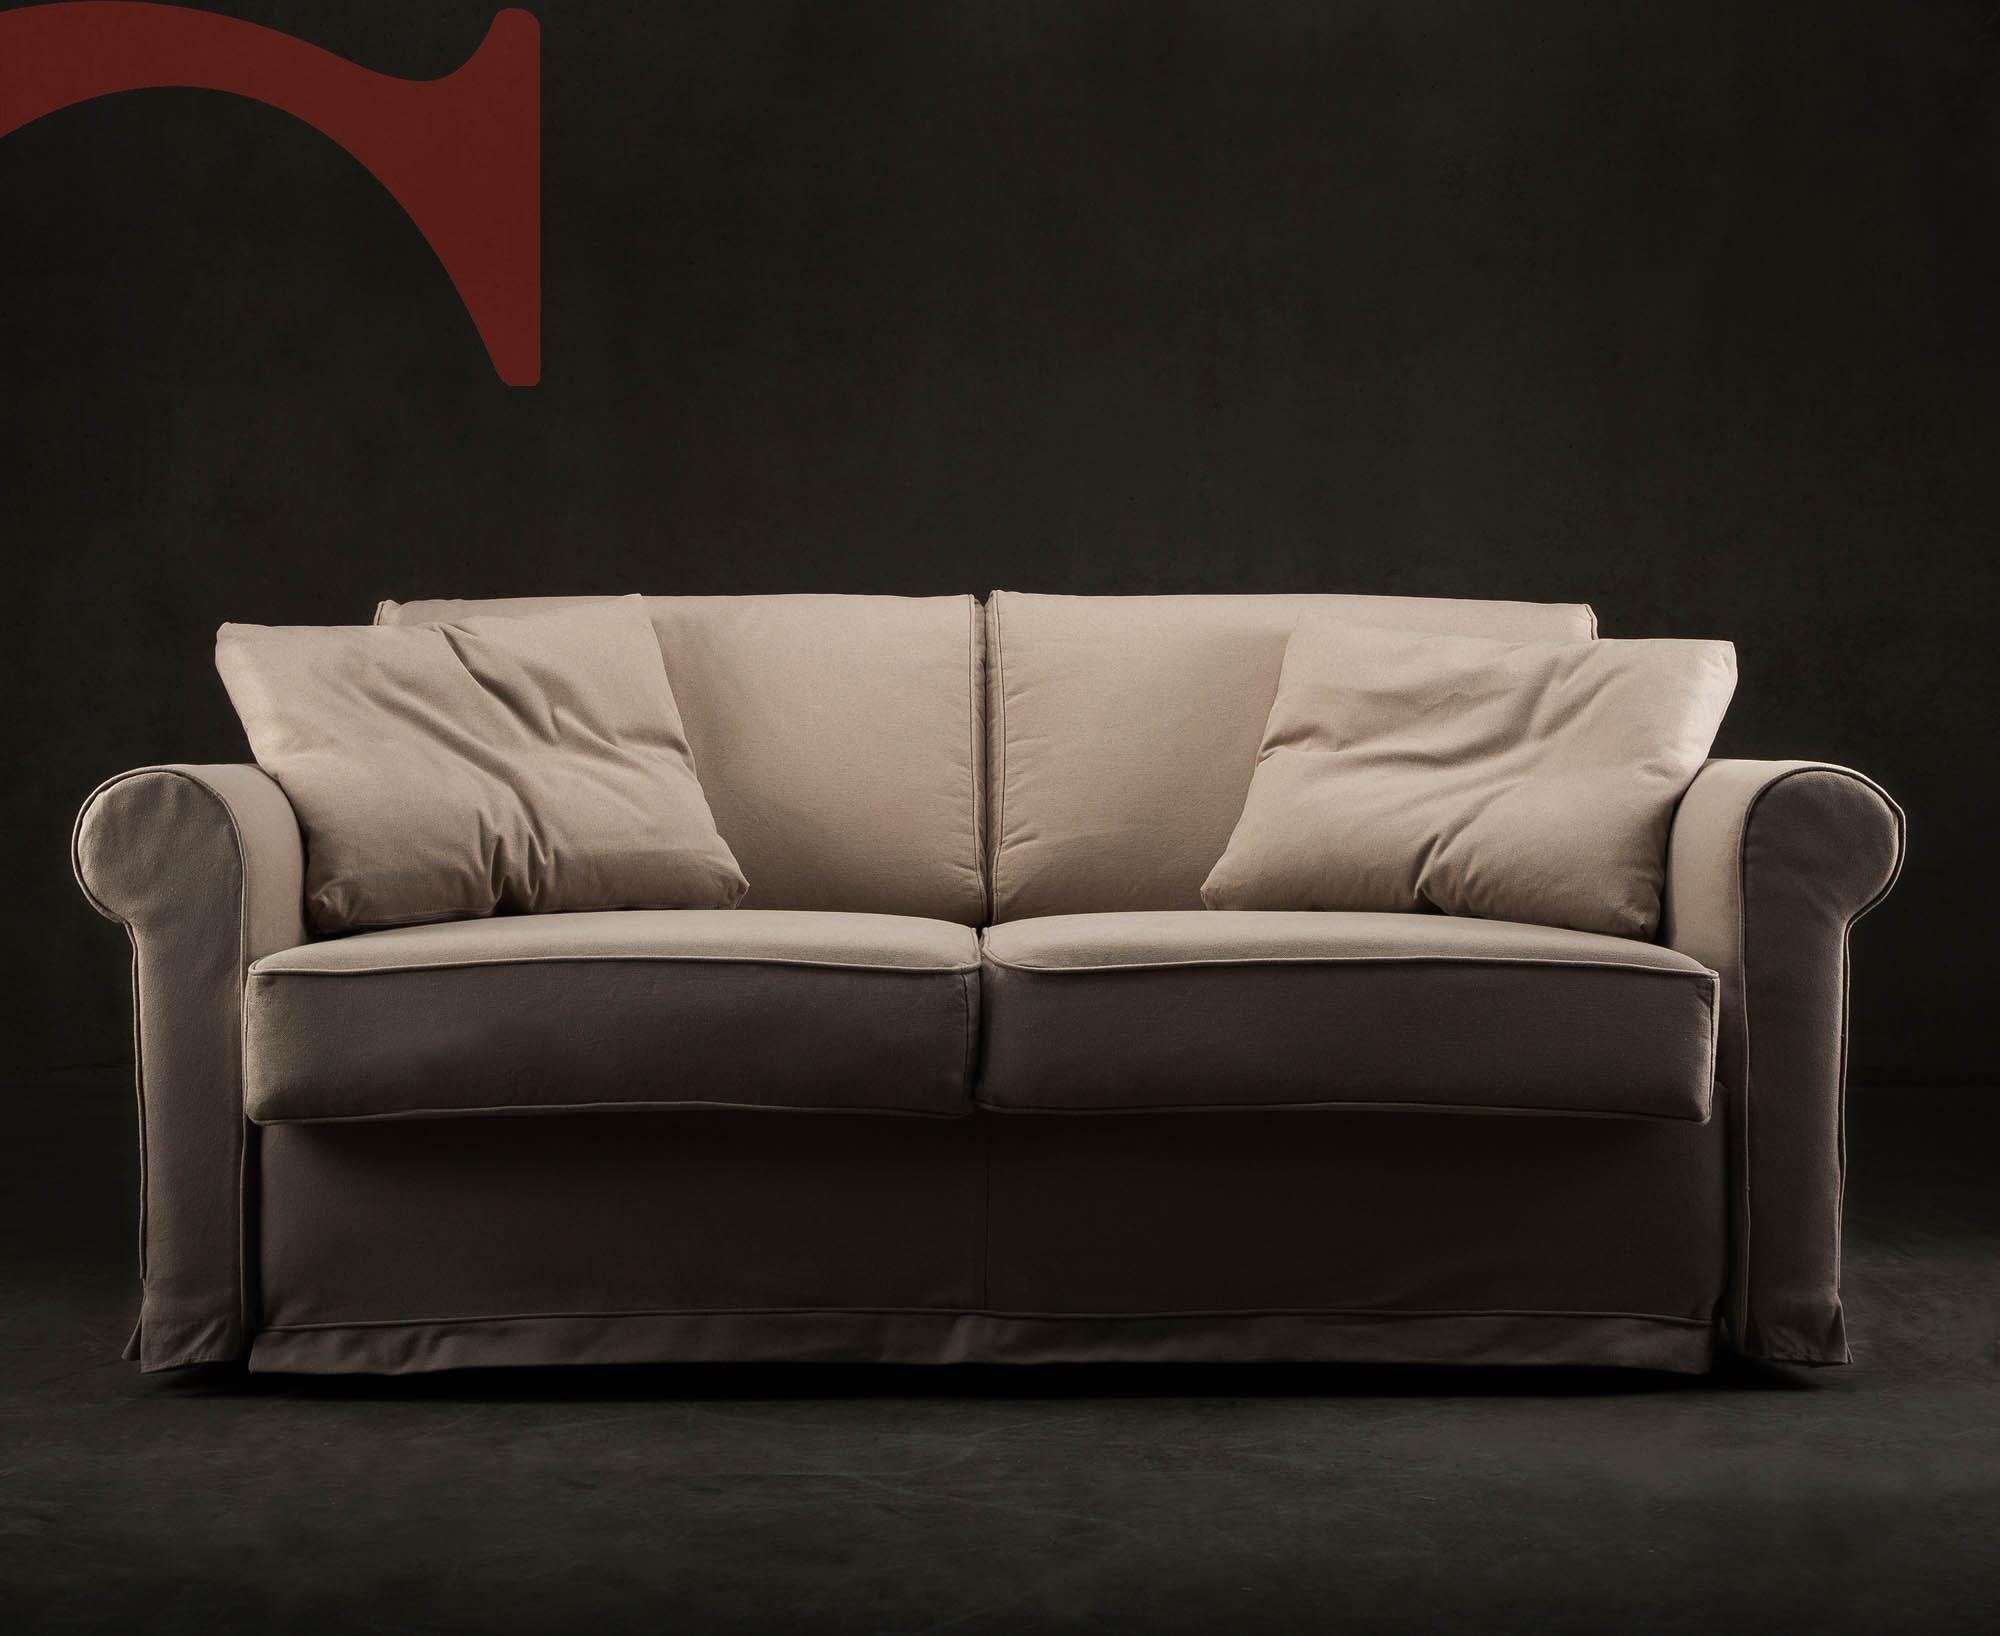 confalone divani idee per la casa e l 39 interior design